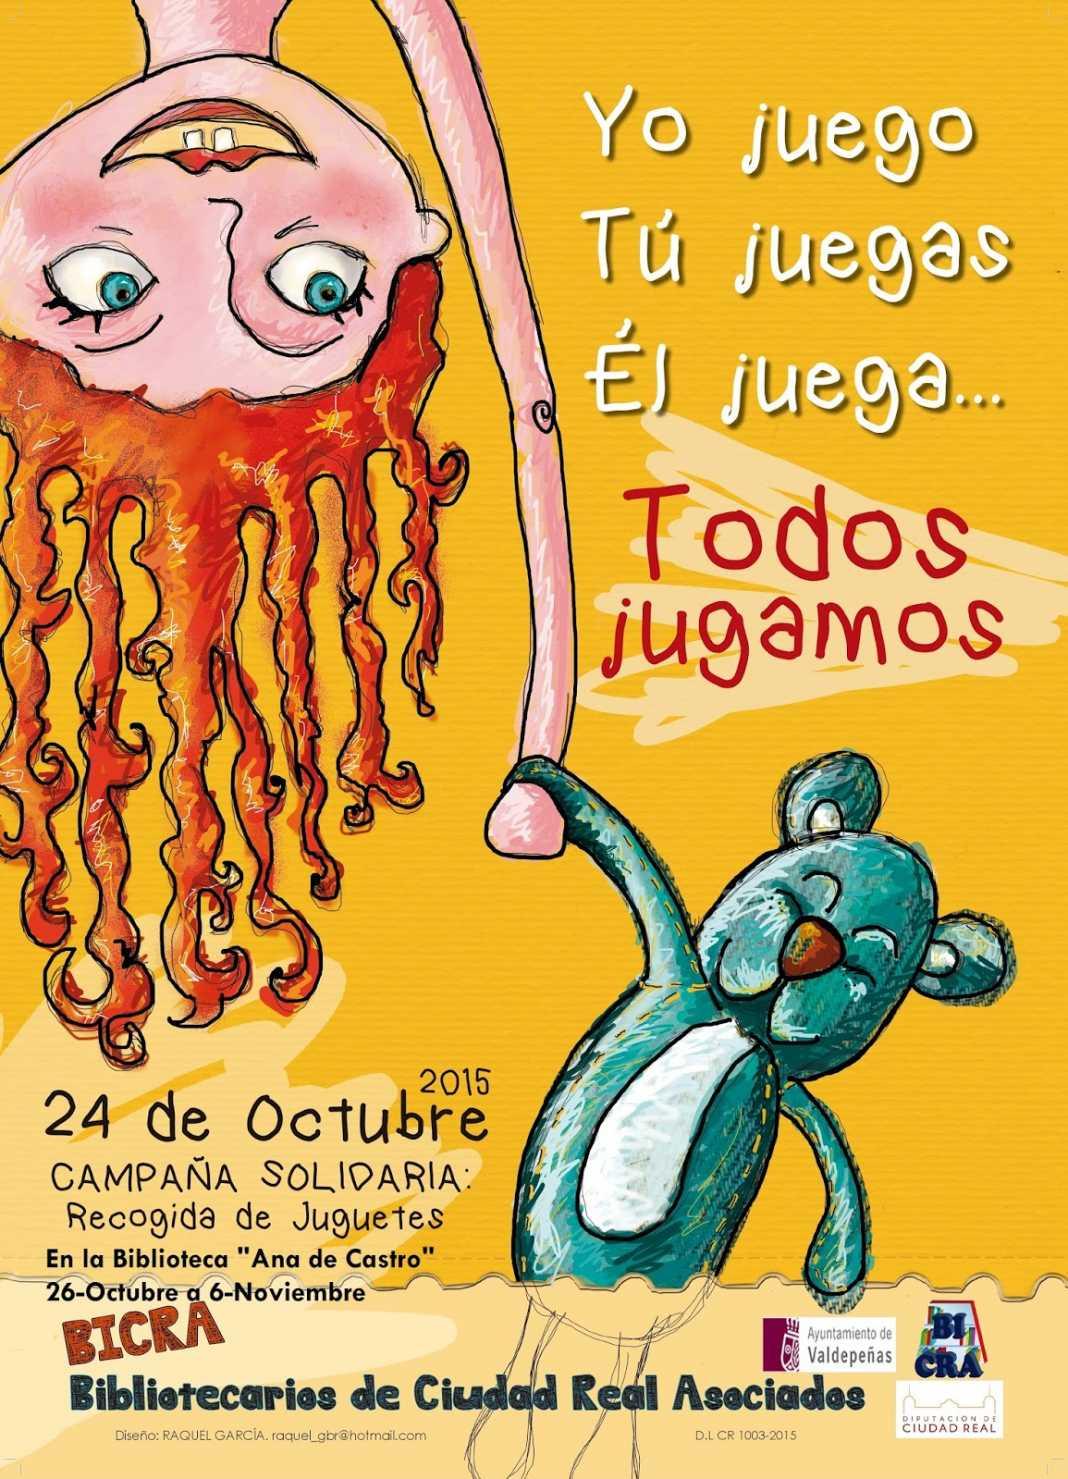 Campaña solidaria recogida de juguetes BICRA 1068x1479 - Recogida solidaria de juguetes